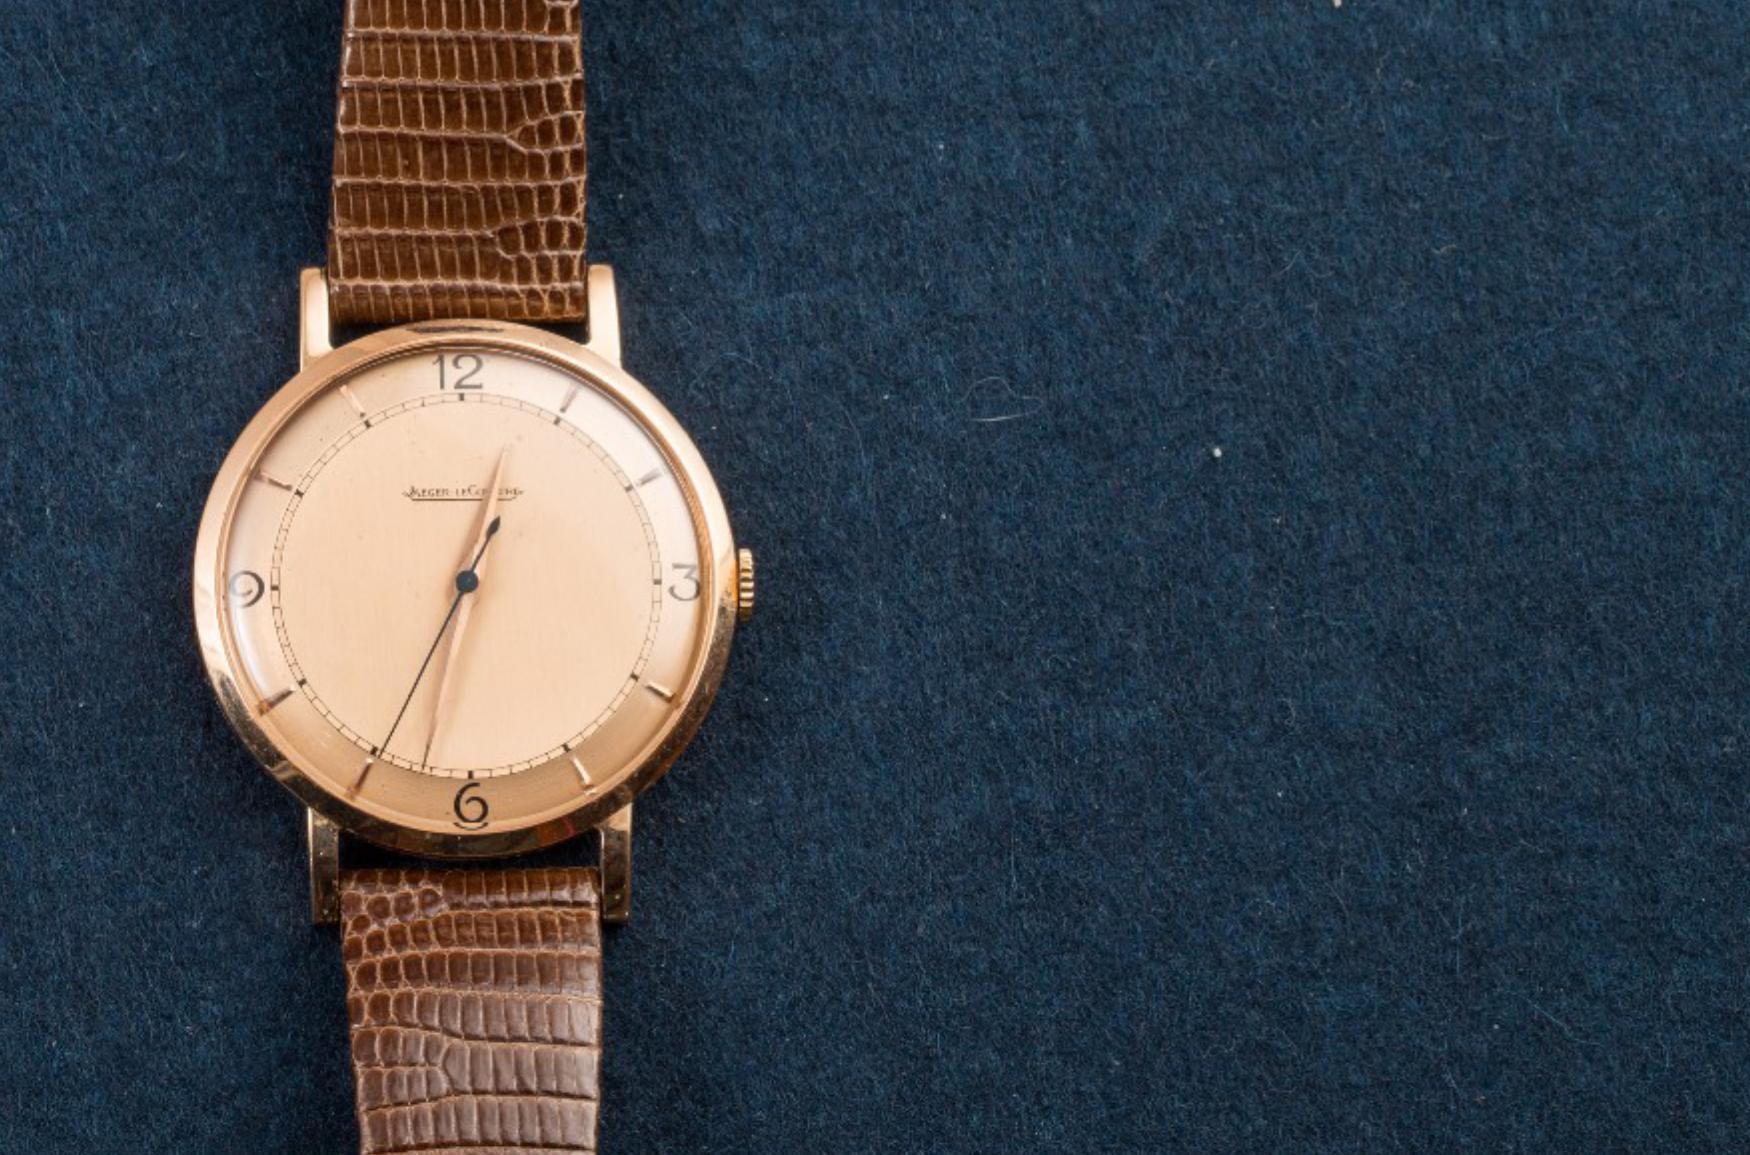 Lot 10 - JAEGER LE COULTRE, Vintage automatic watch